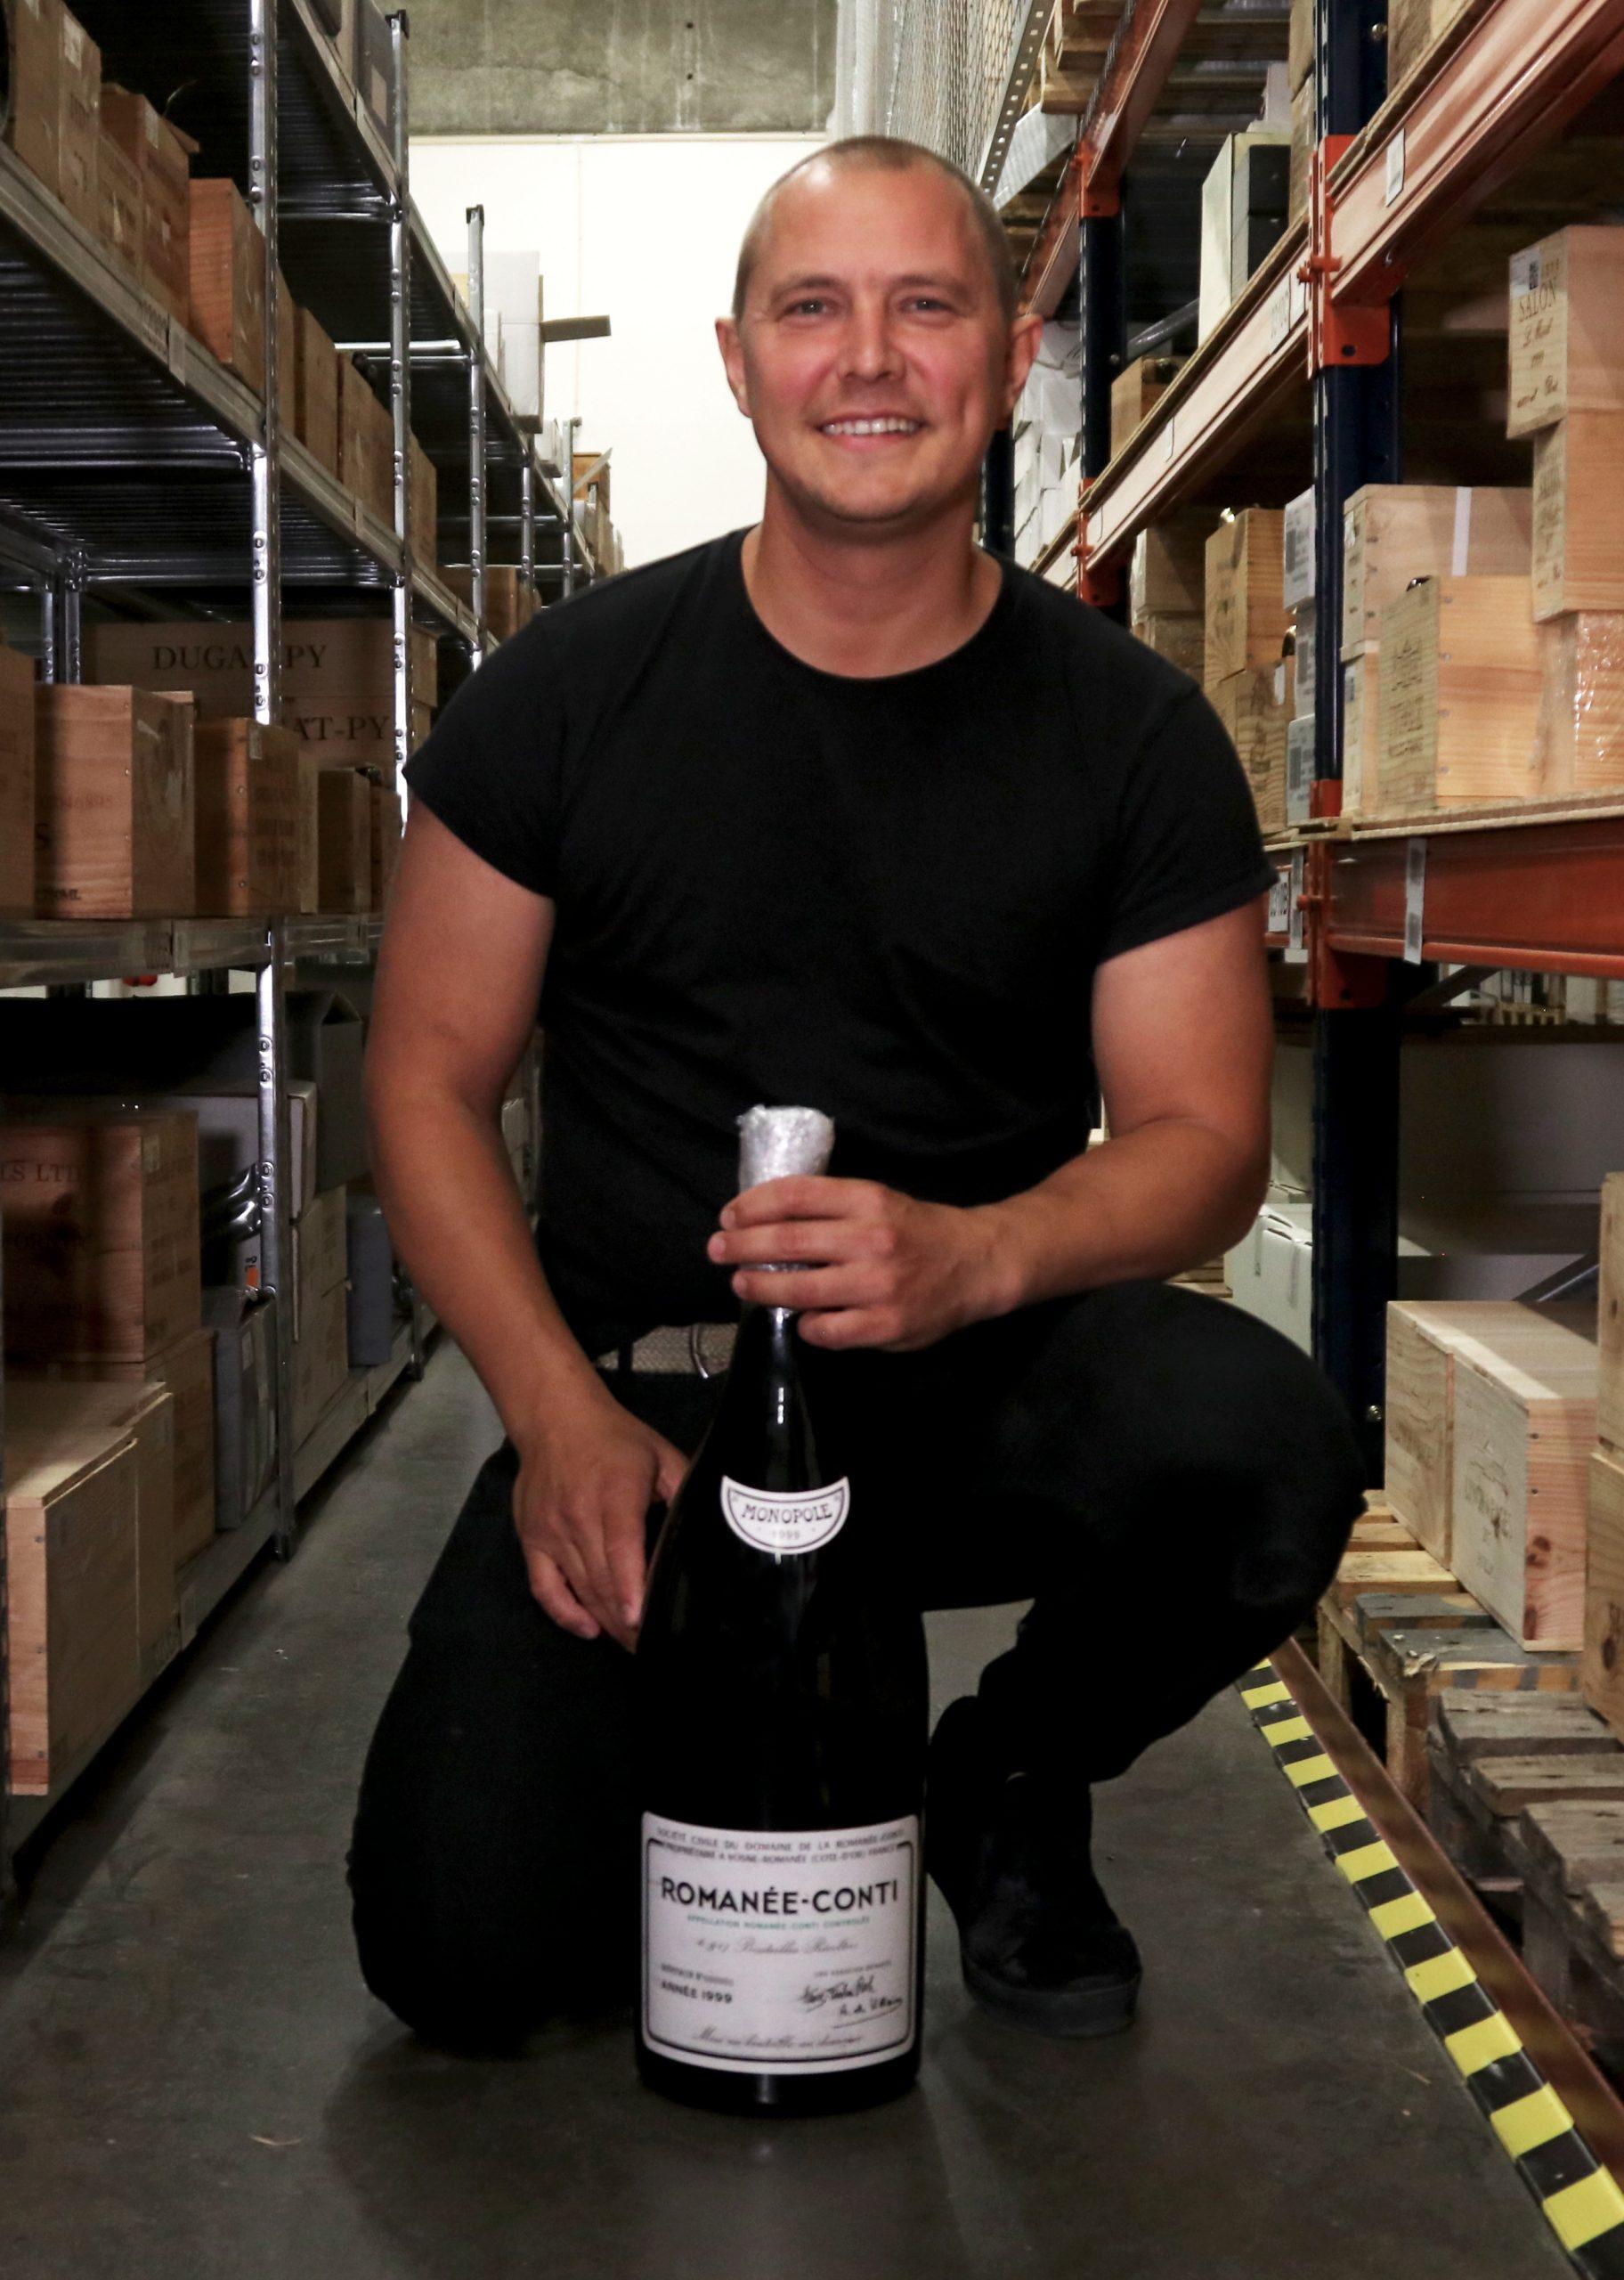 Helt vildt: Verdens dyreste vin ligger nu i Aalborg